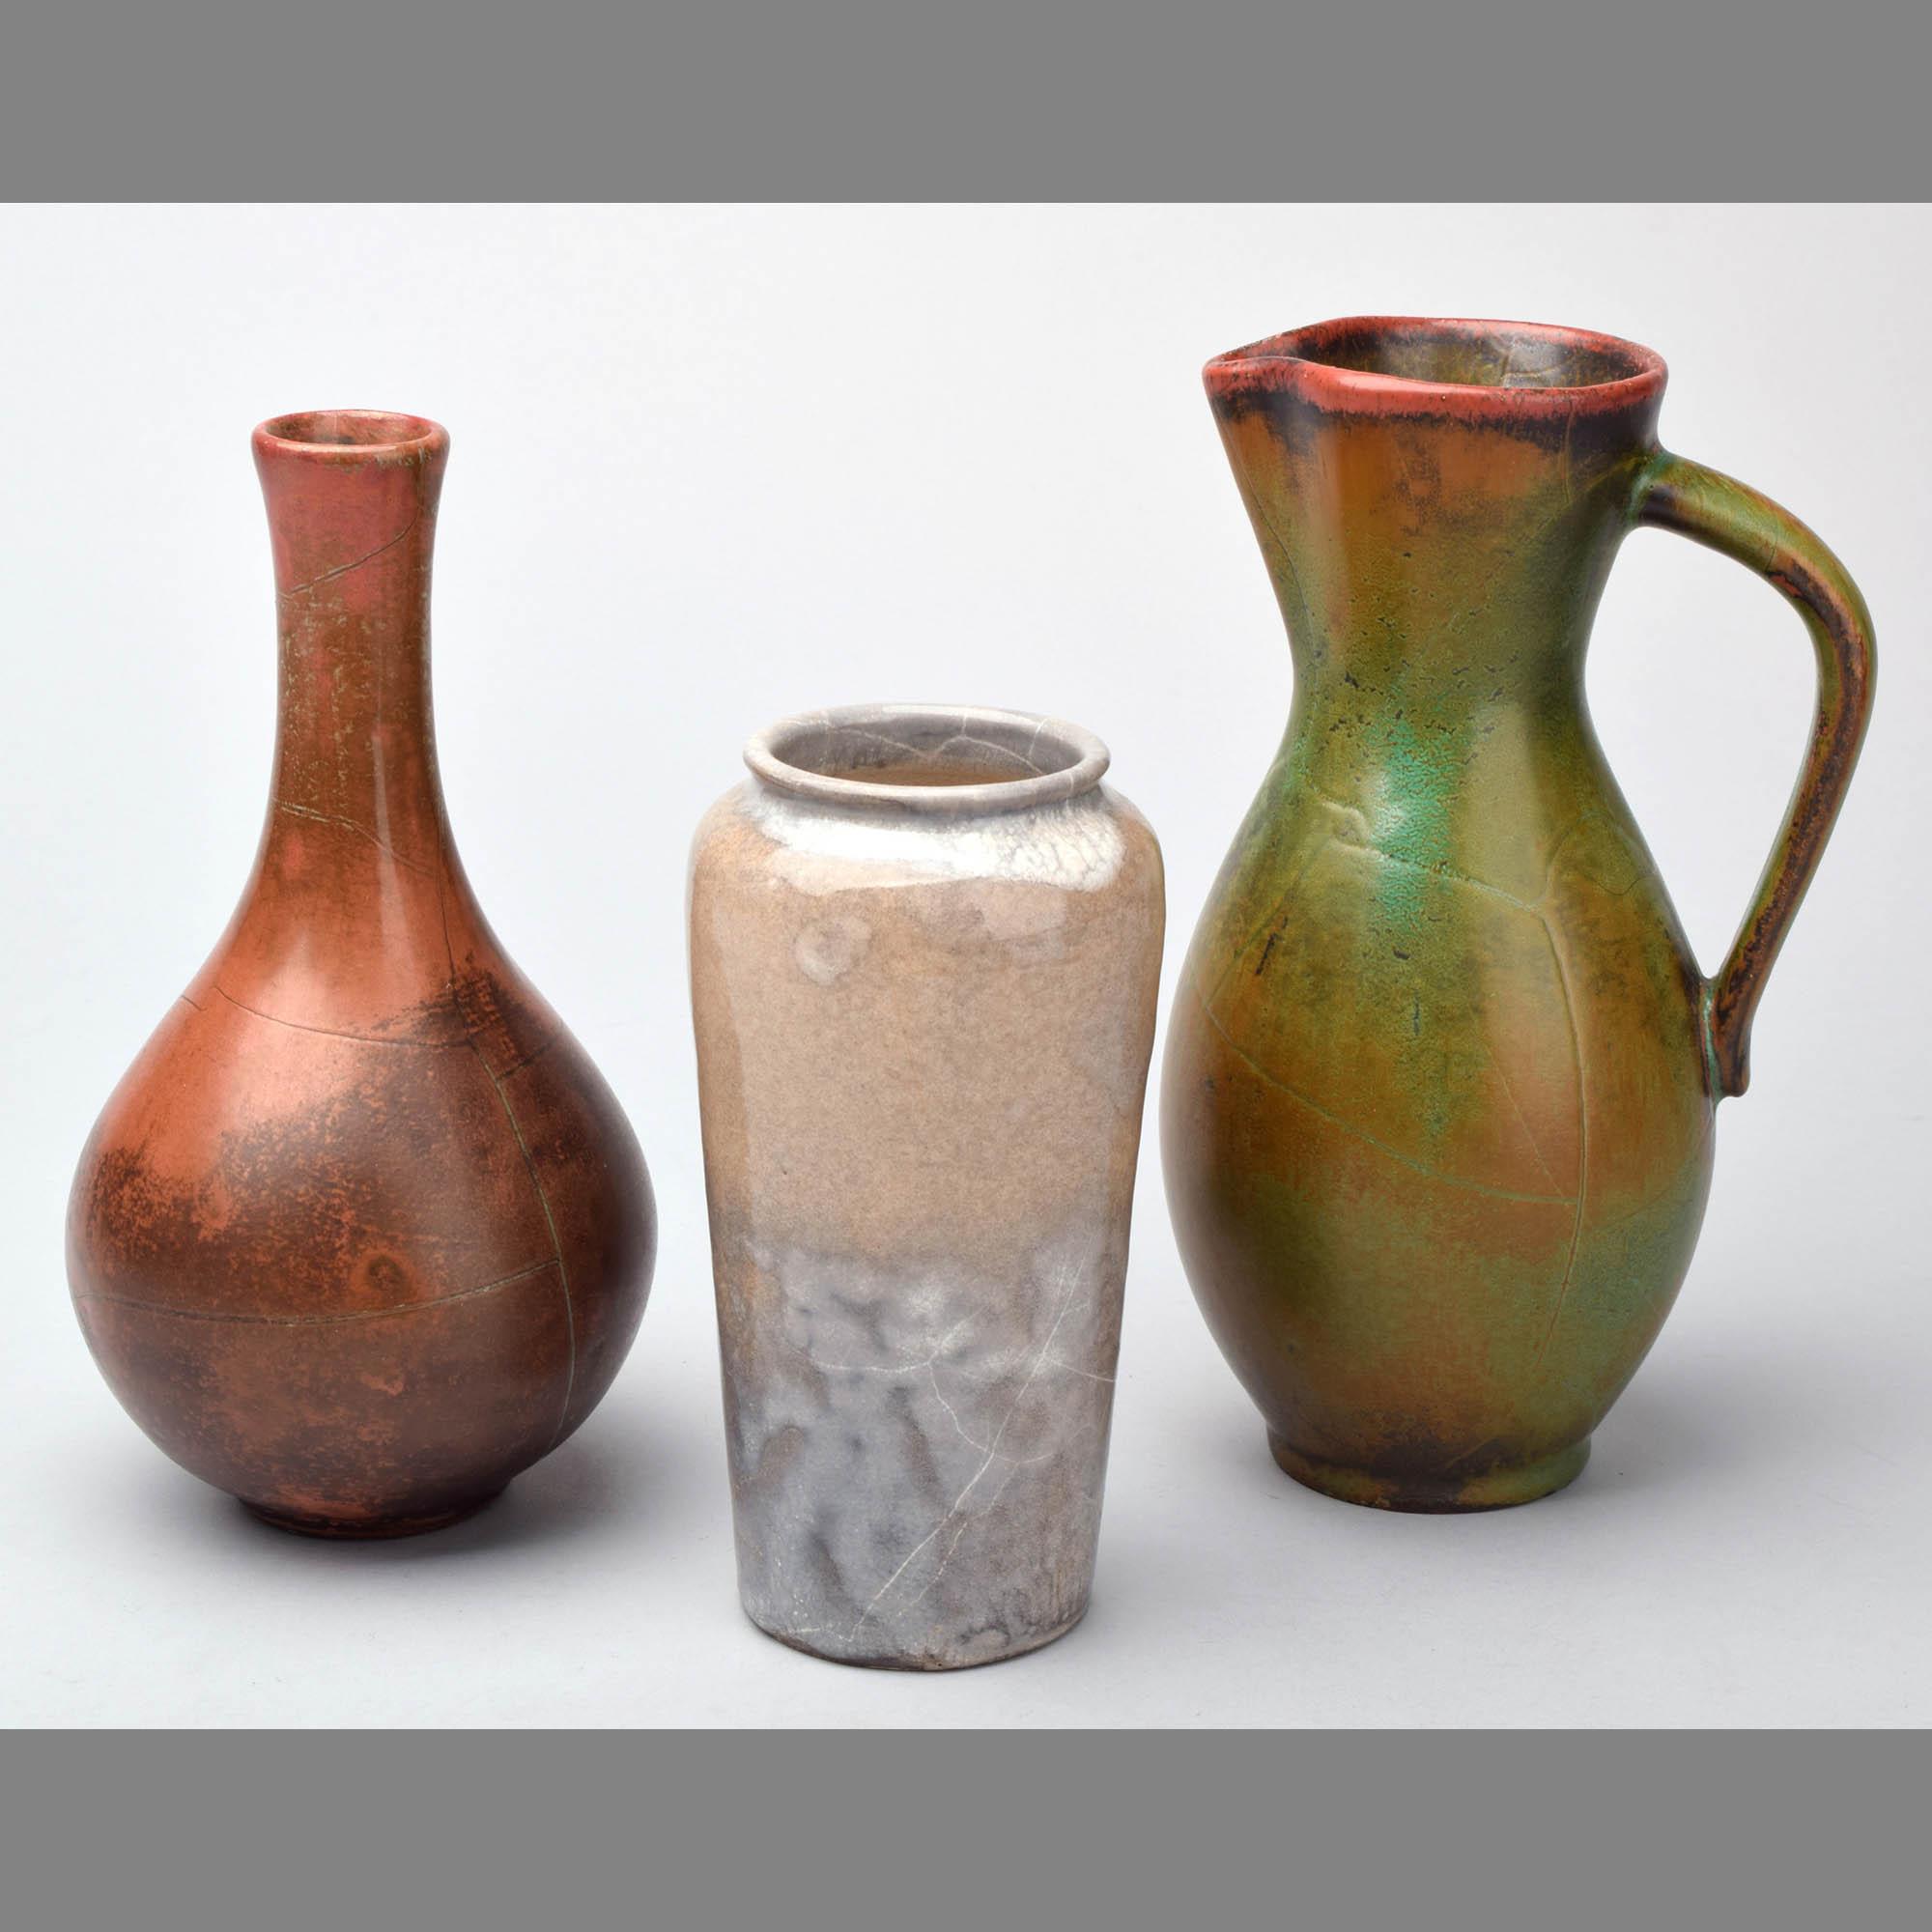 Drei Teile dekorative Keramik